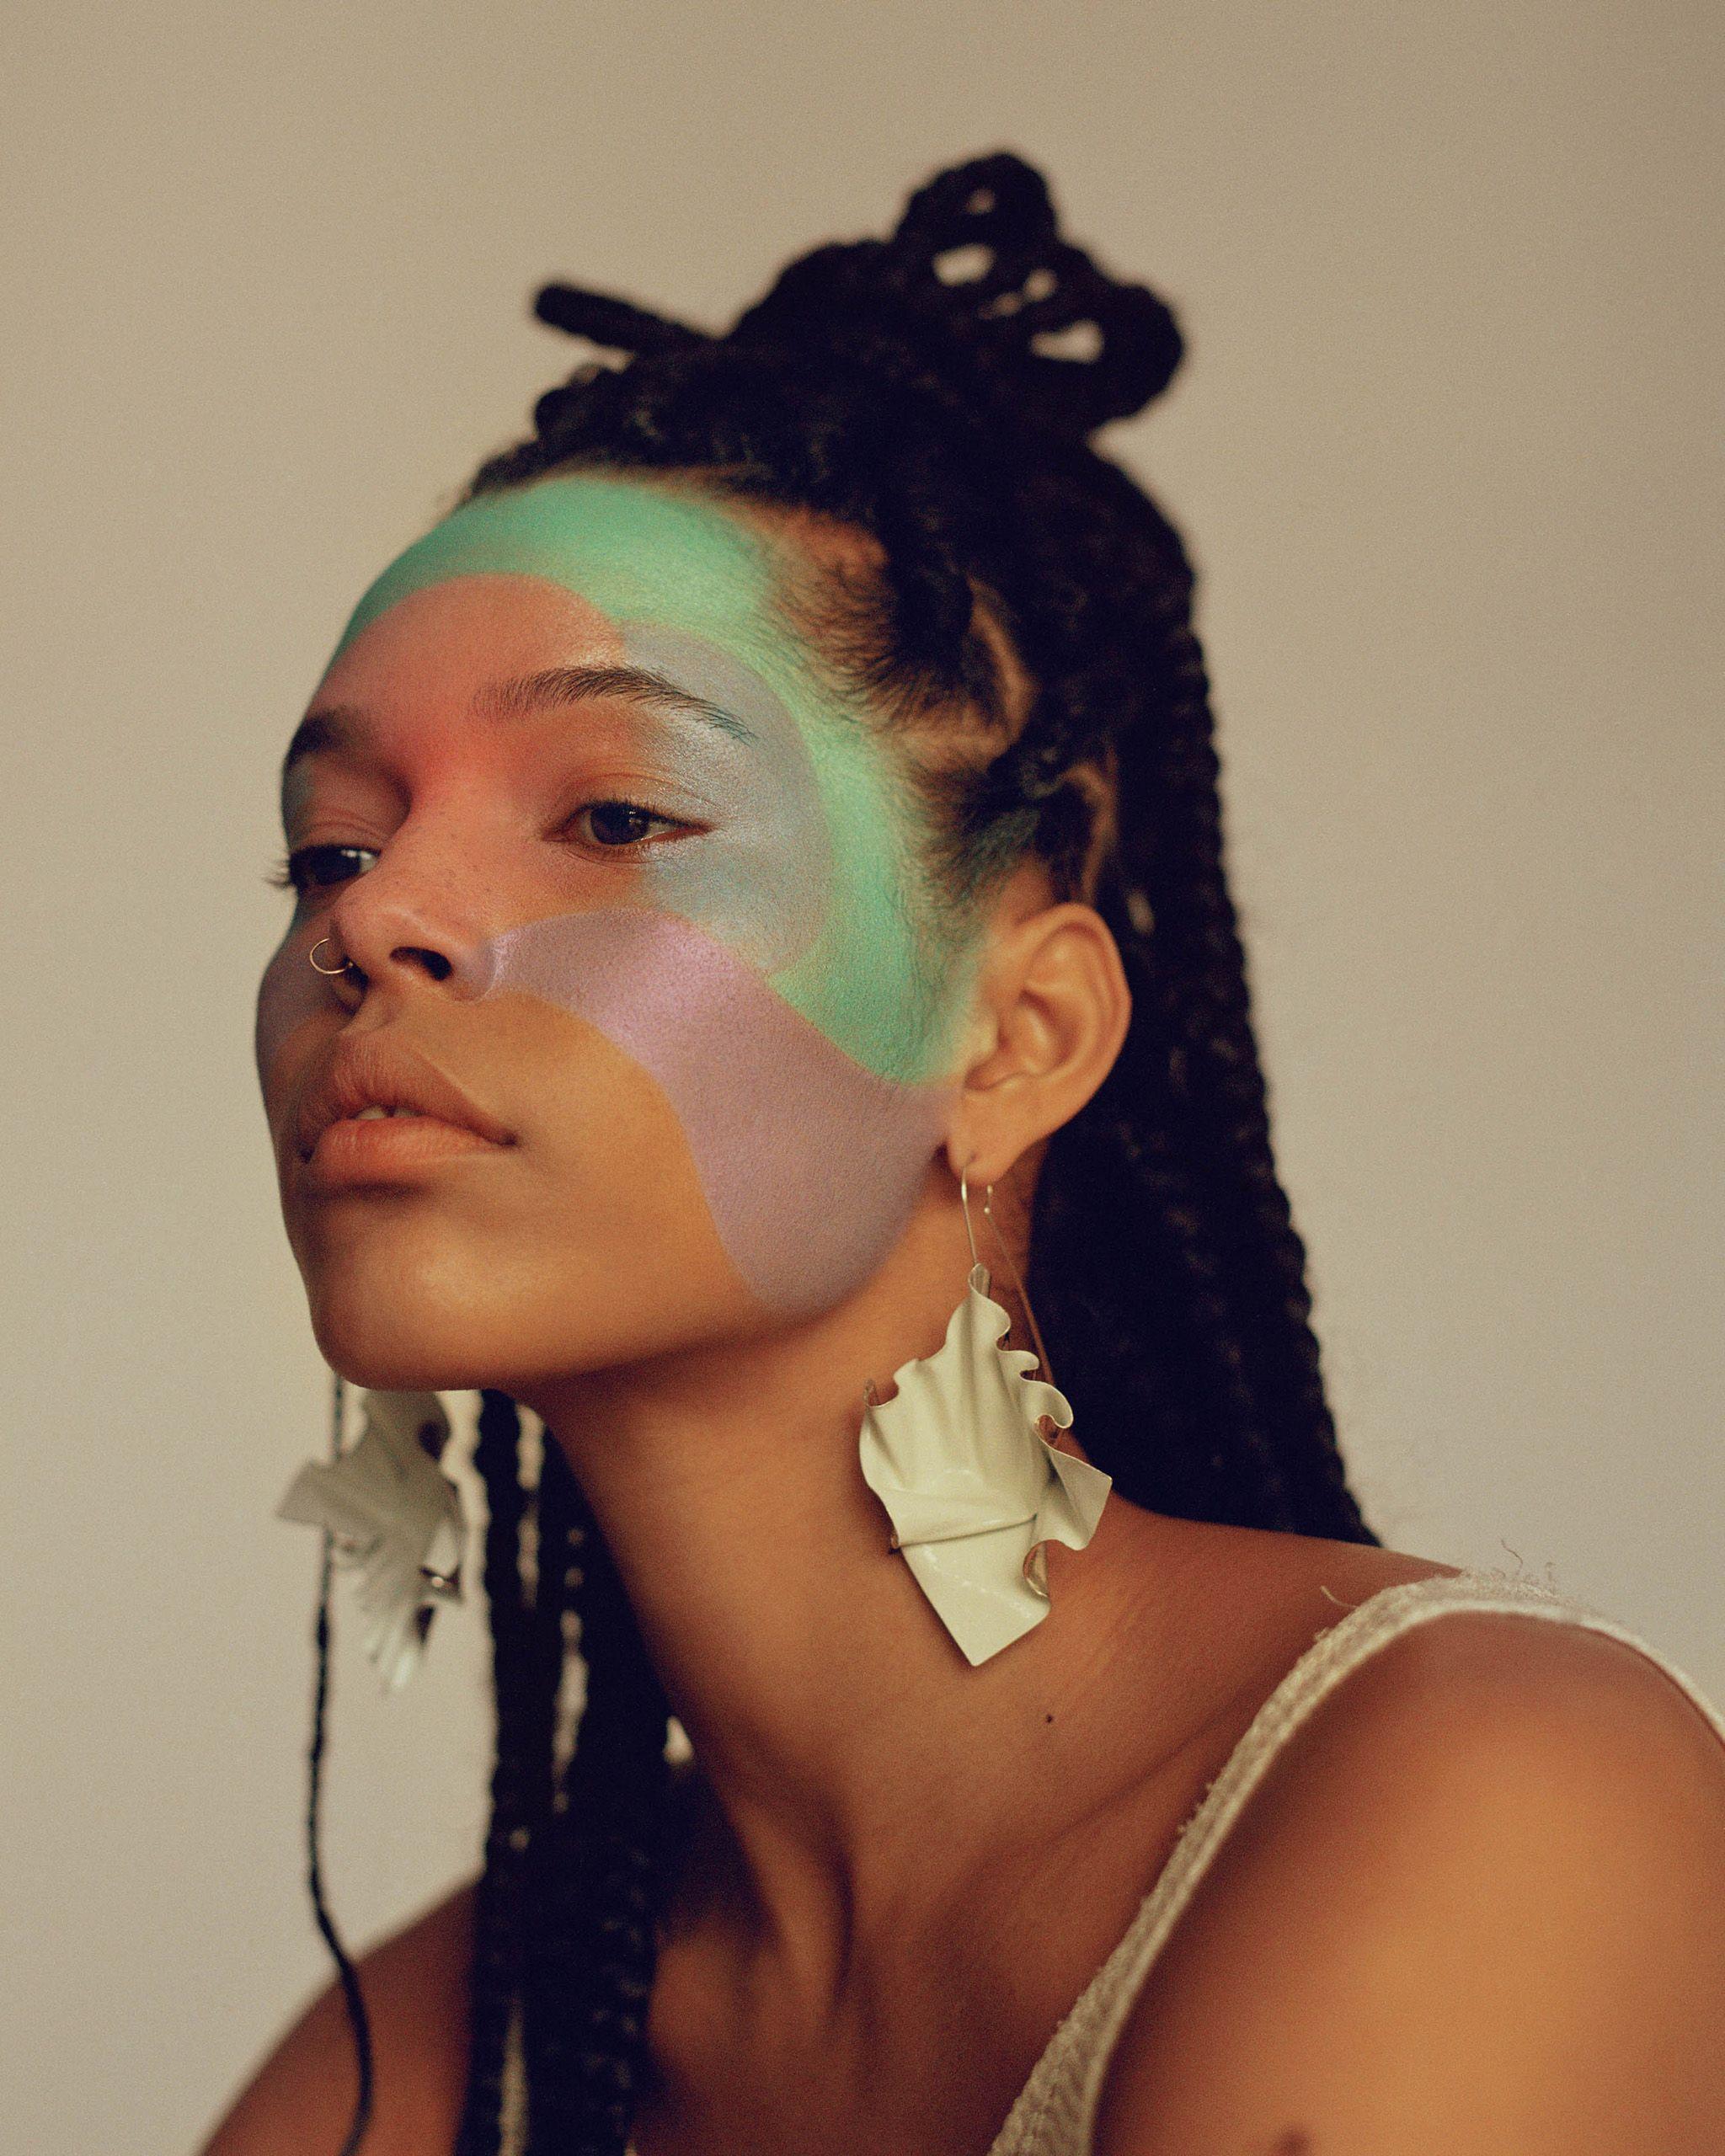 portrait modele pour vogue arabia avec maquillage violet et vert